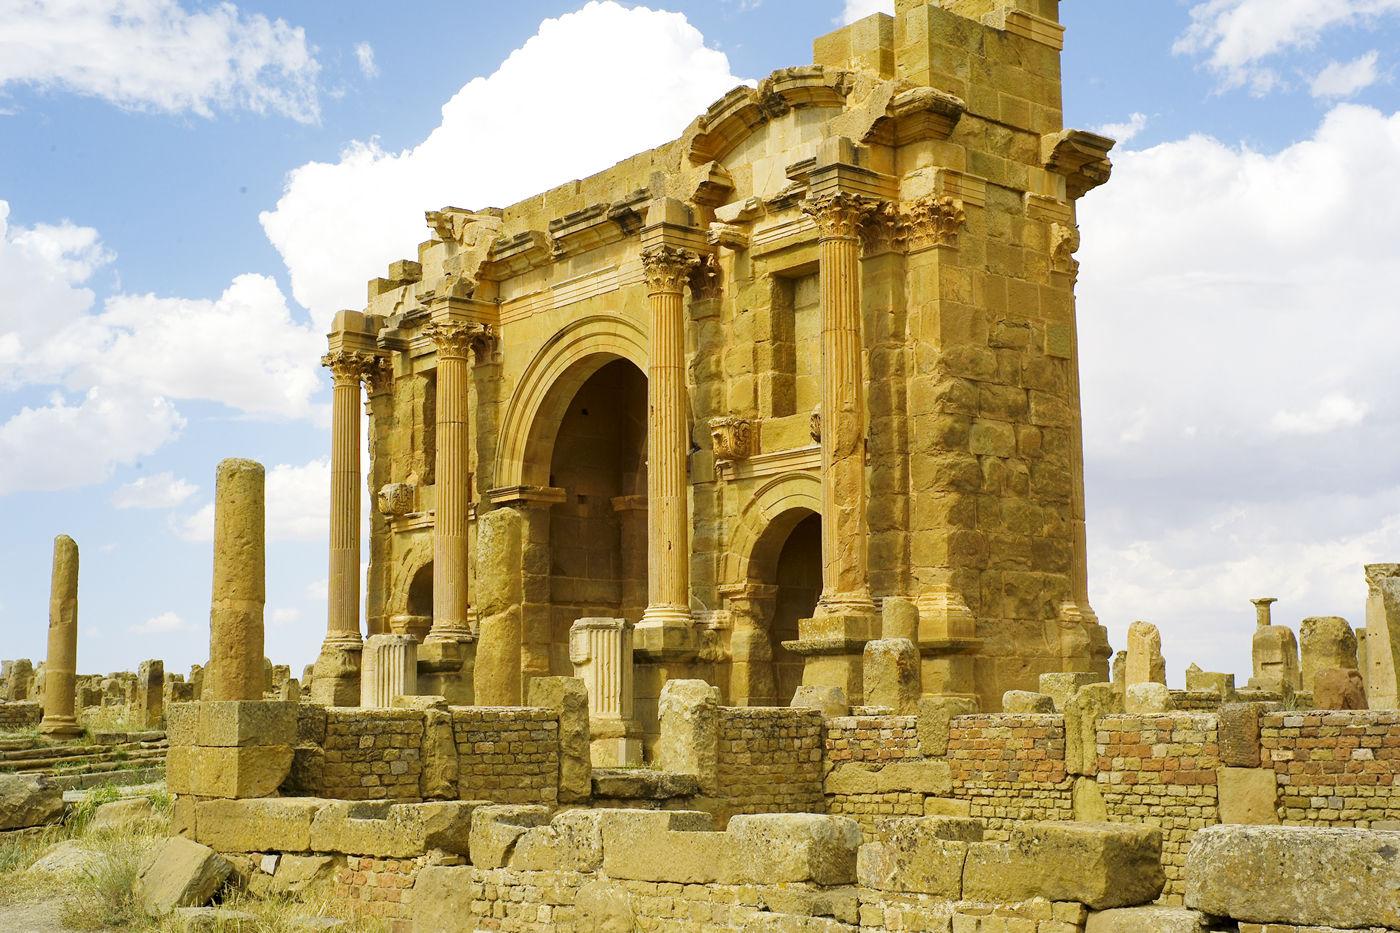 الربيع العربي. وتوابعه على التراث الأثري